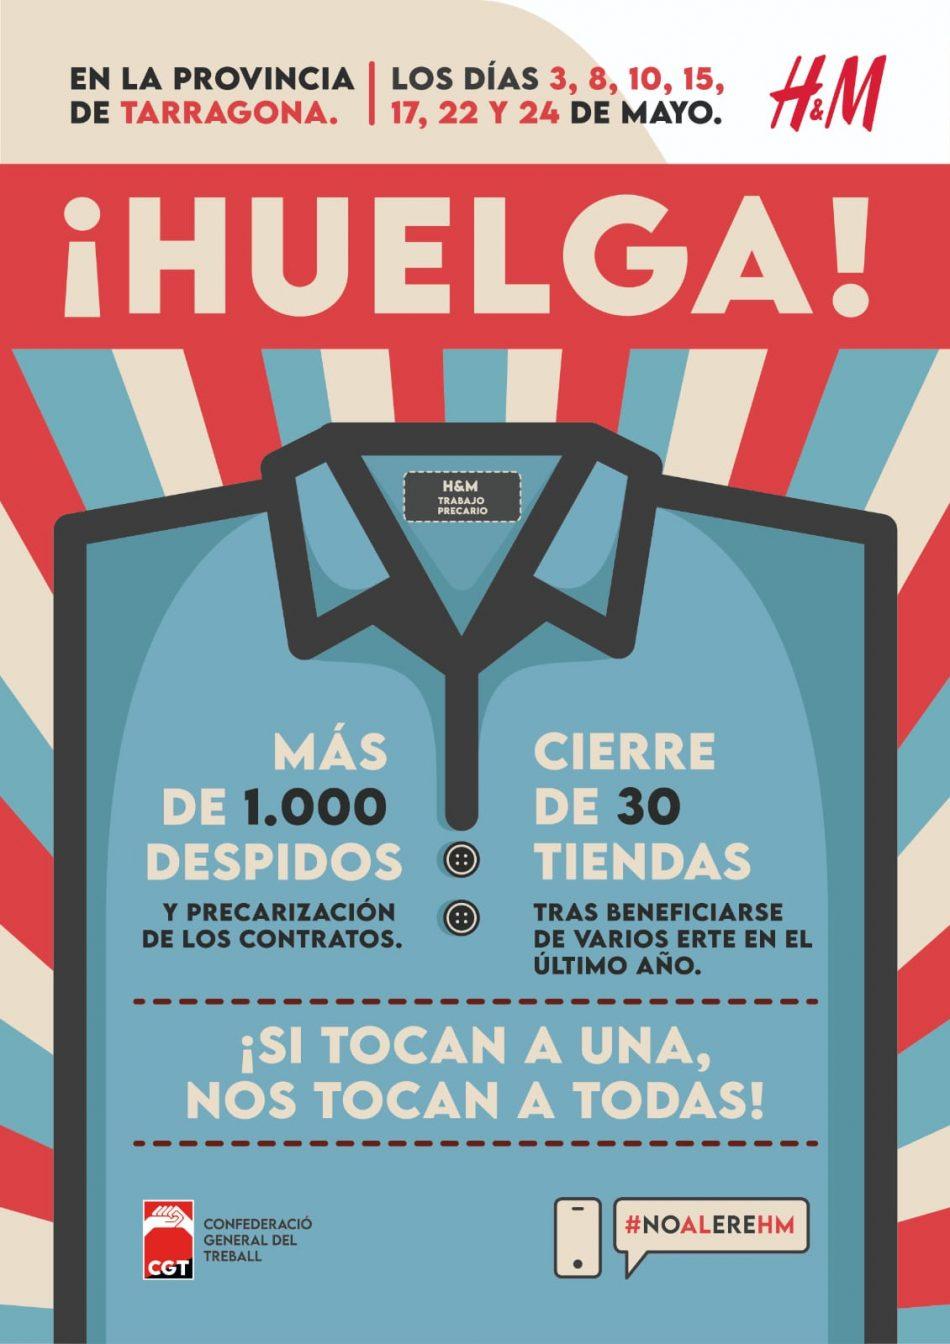 La CGT de Tarragona convoca VAGA als centres de treball de H&M a la provincia de Tarragona